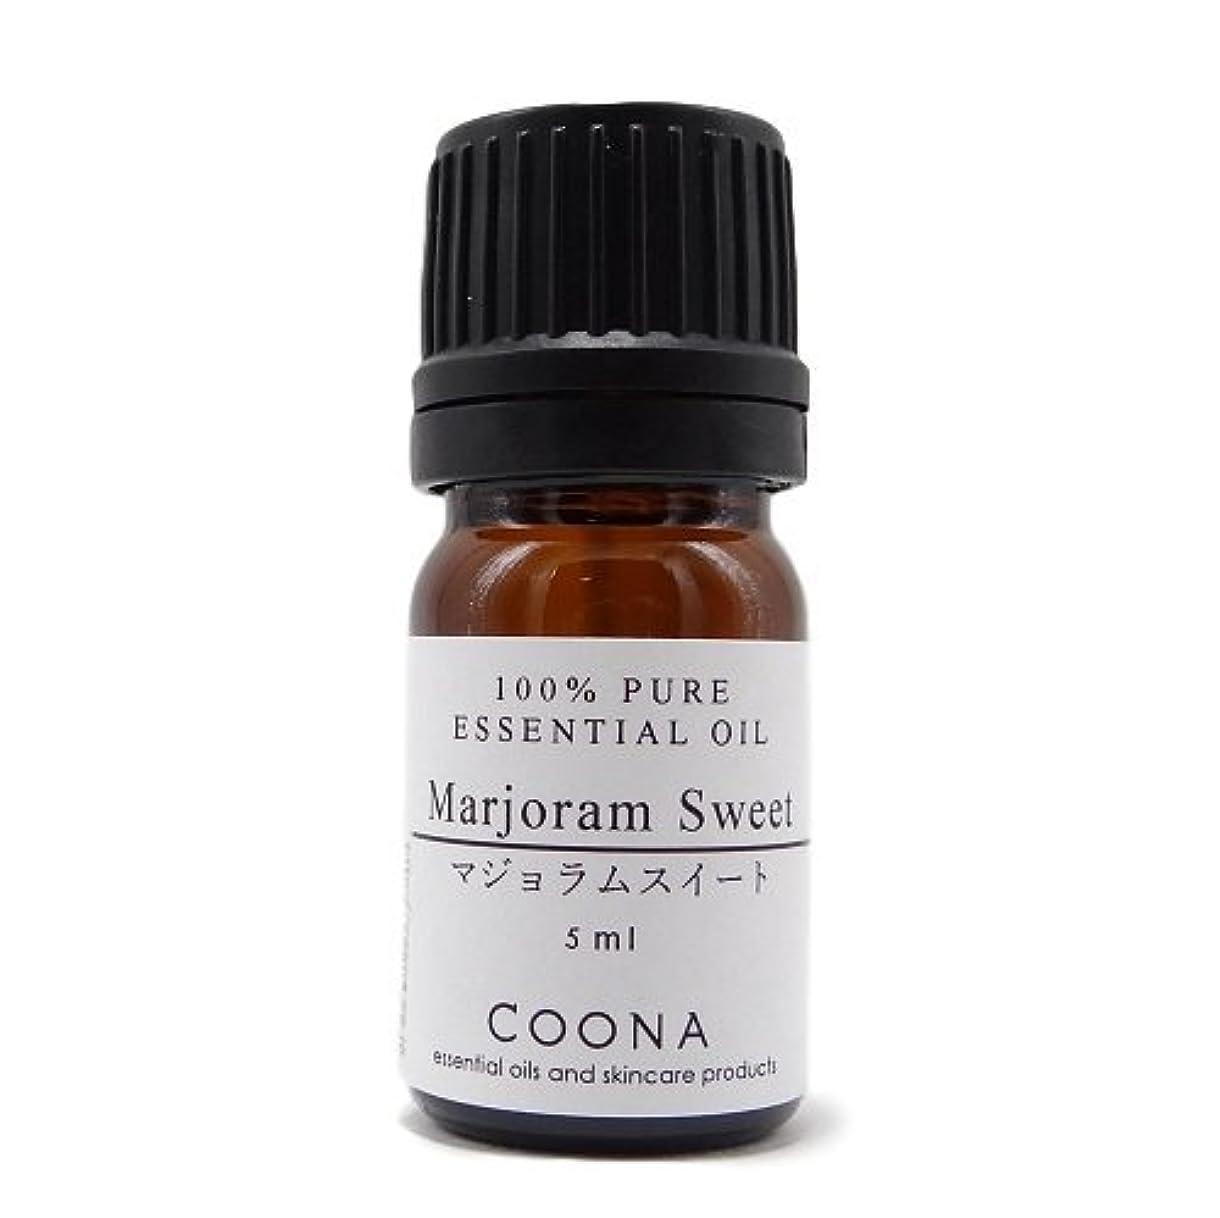 非難肺水素マジョラム スイート 5 ml (COONA エッセンシャルオイル アロマオイル 100%天然植物精油)